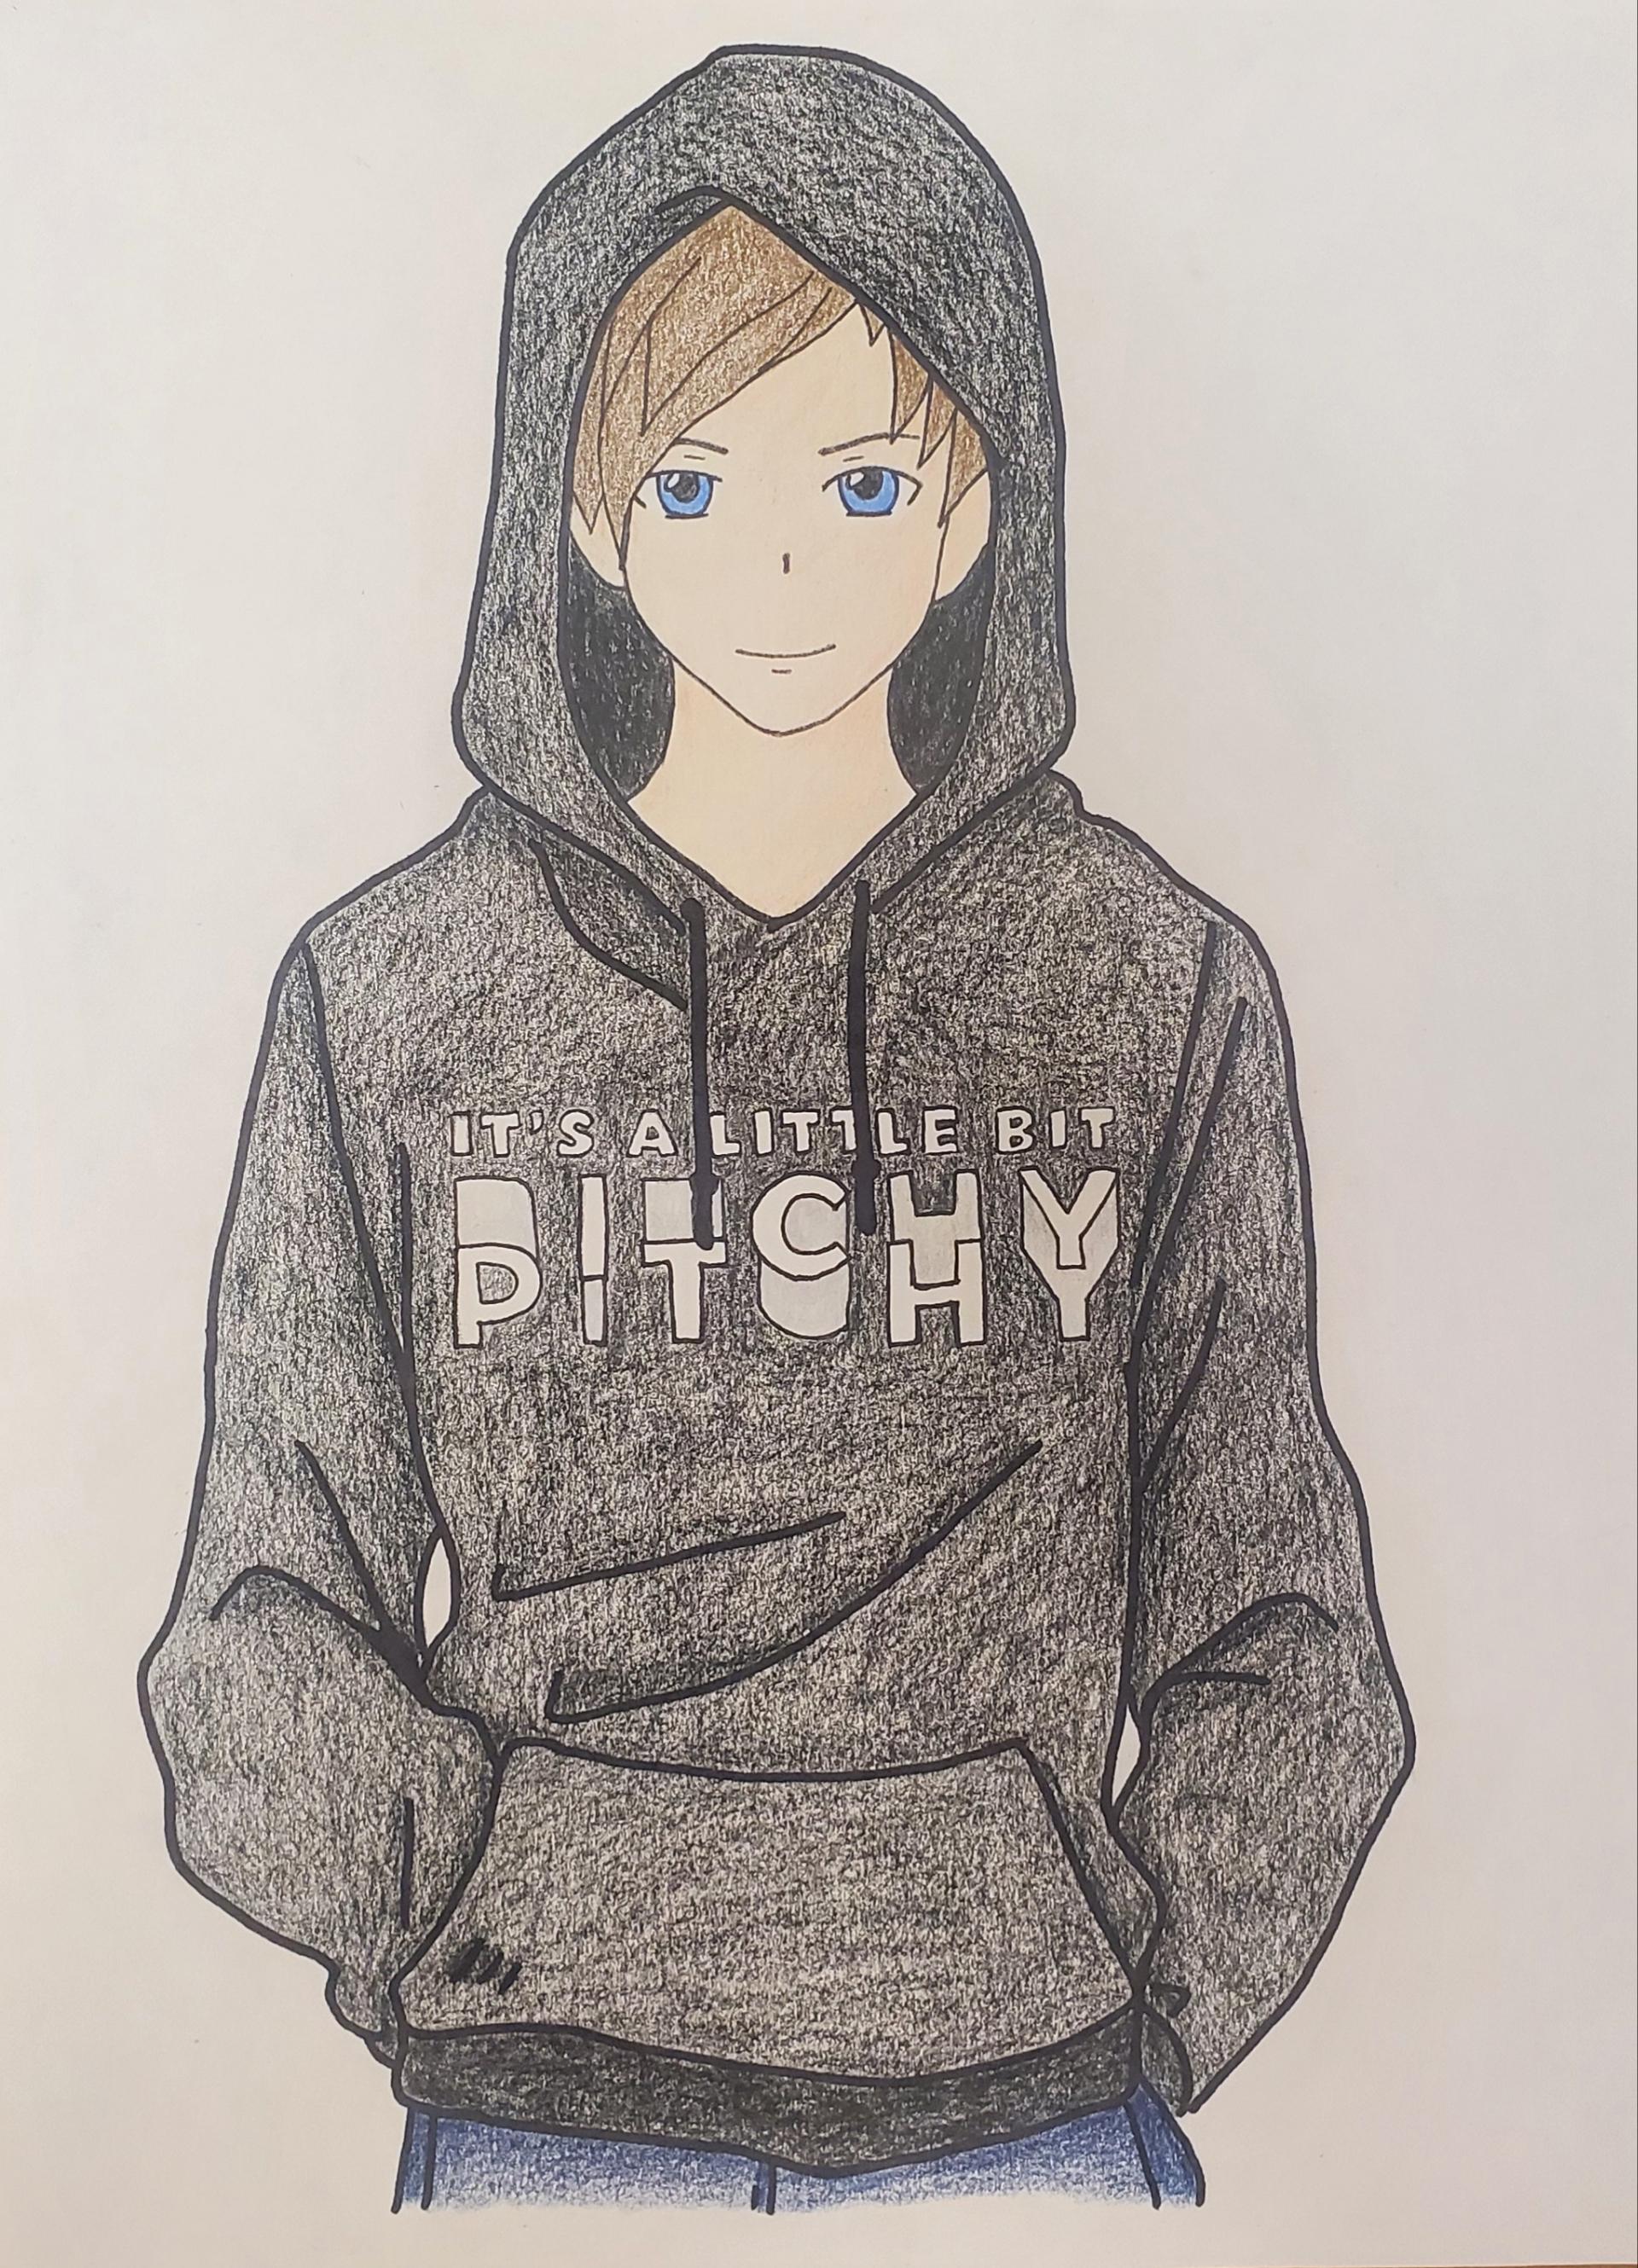 Boy Hoodie Drawing : hoodie, drawing, Anime, Style, Roomie, Drawing, Sister, RoomieOfficial